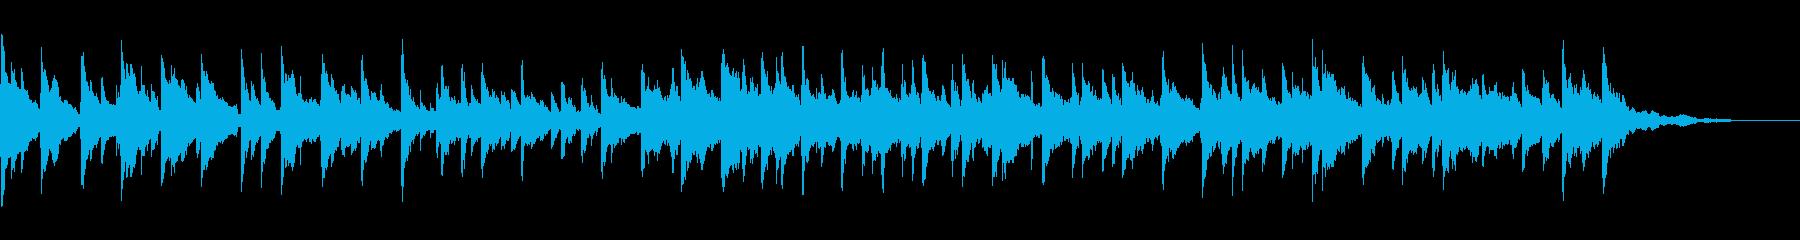 ピアノとアコースティックギターを使...の再生済みの波形